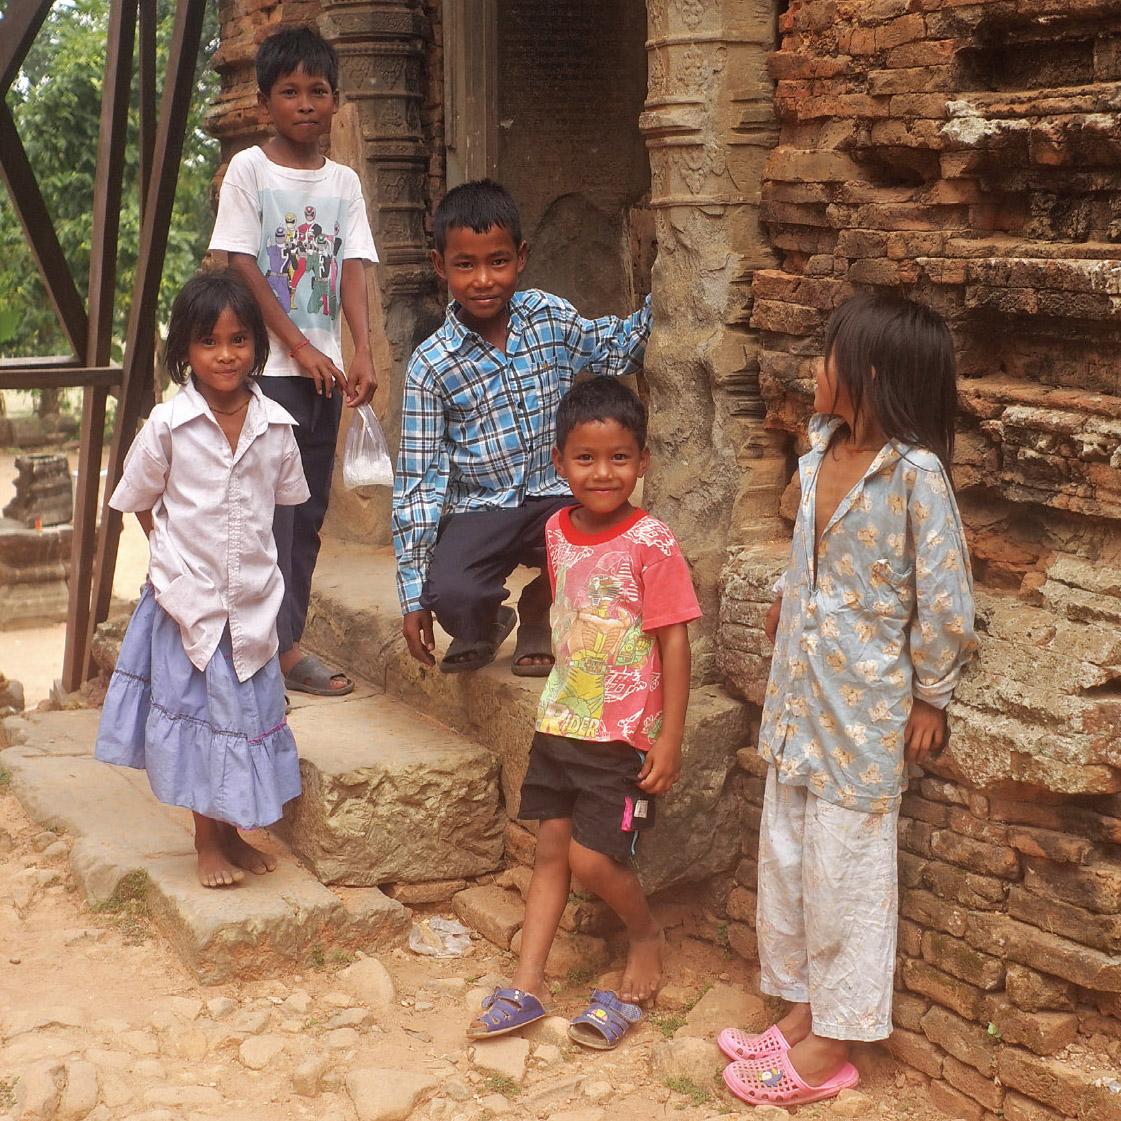 Myself_ Photographs of Children Pagesv2_interior 2-79.jpg